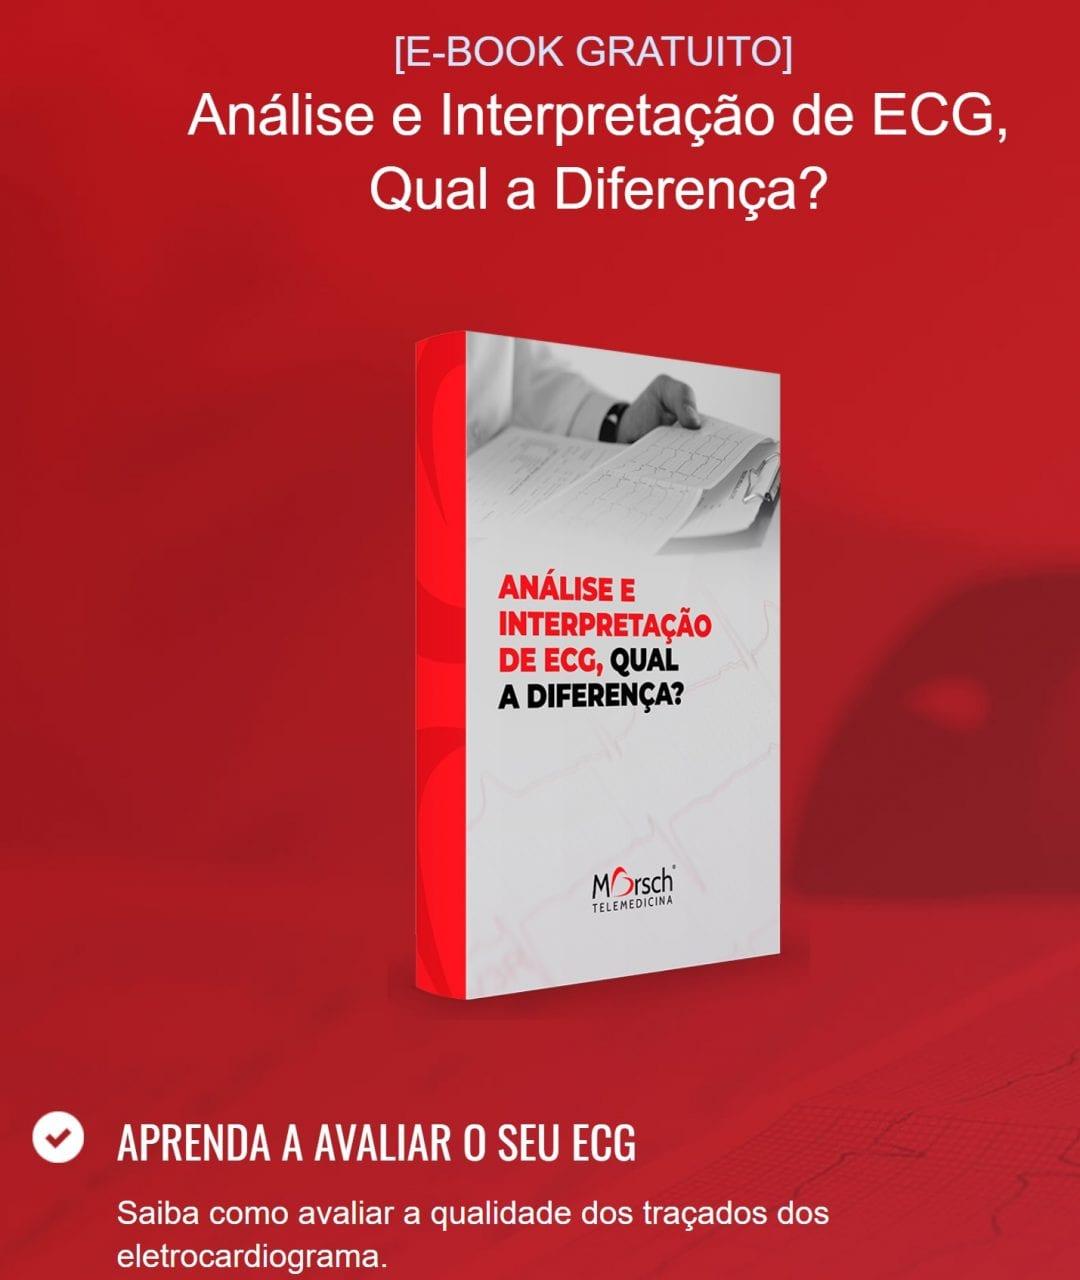 E-book mostra a diferença entre analisar e interpretar um ECG